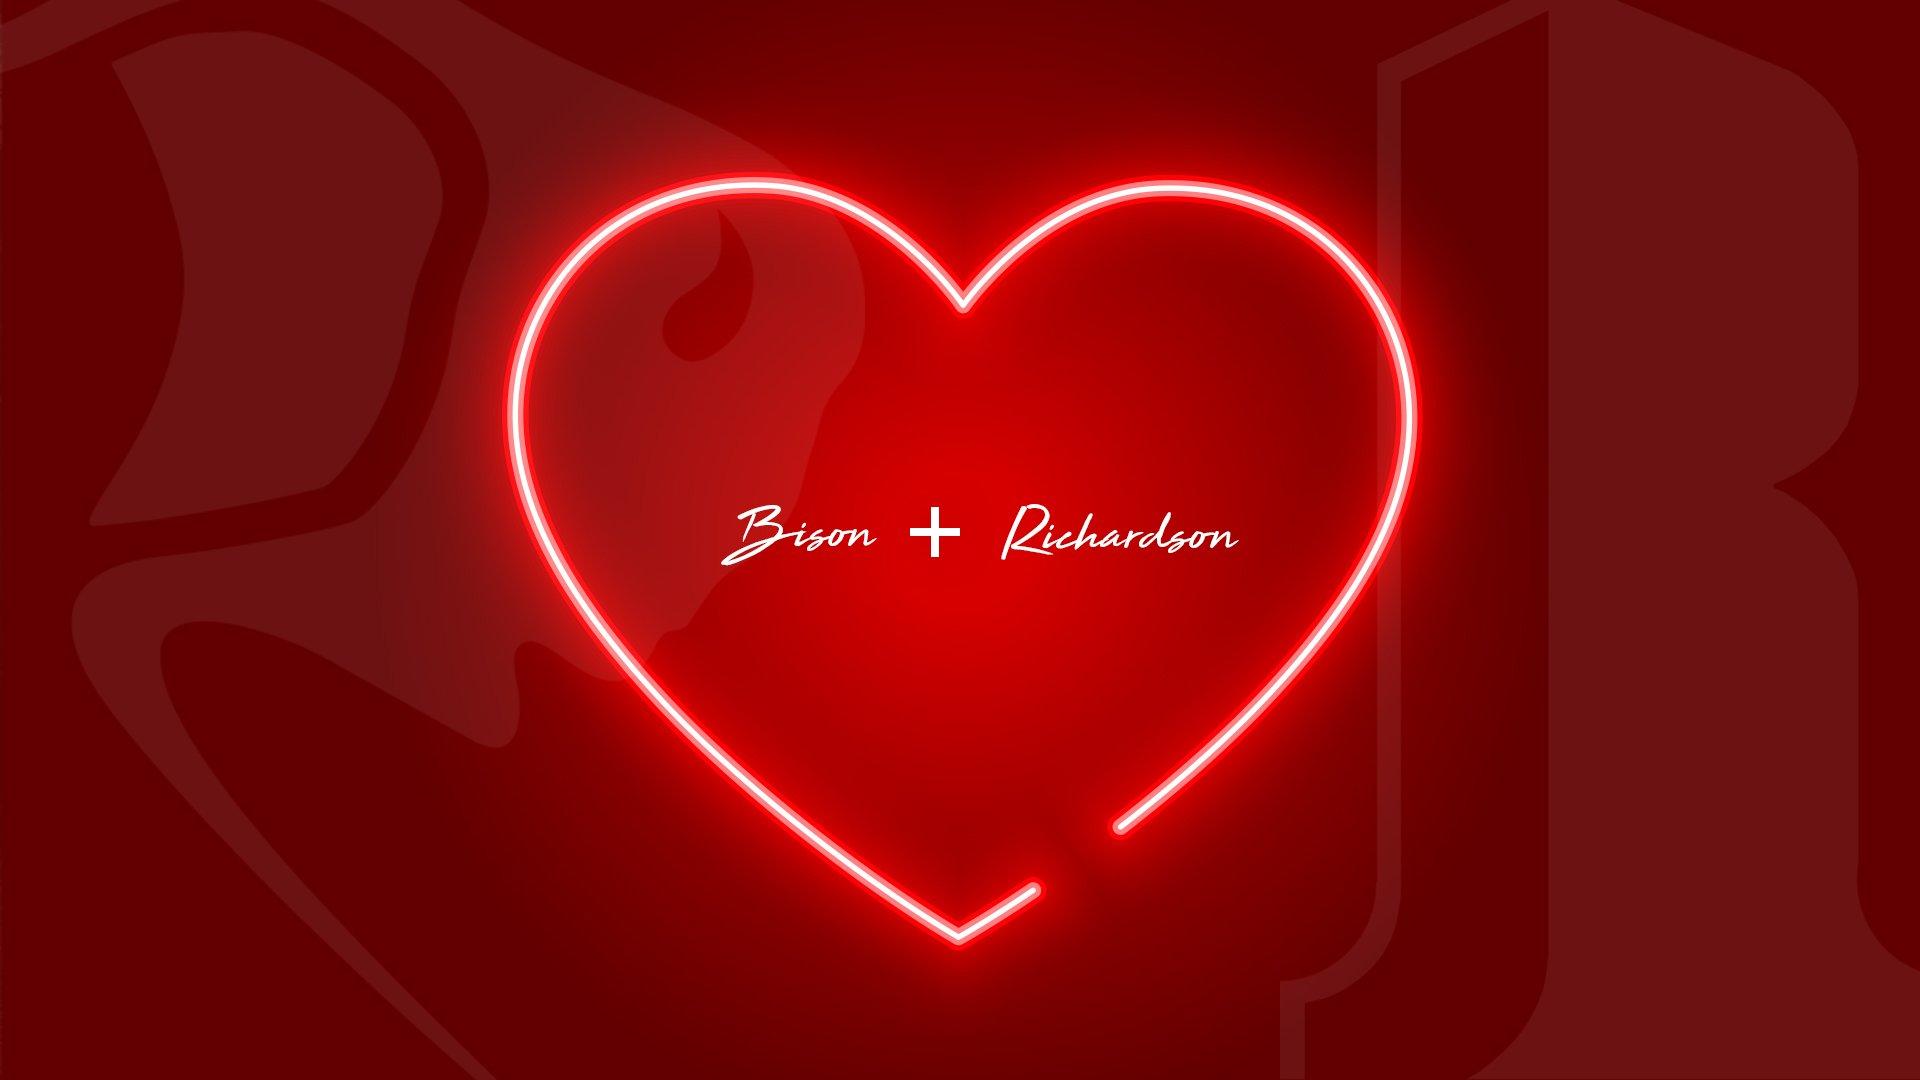 Richardson+Bison_TeamsBG